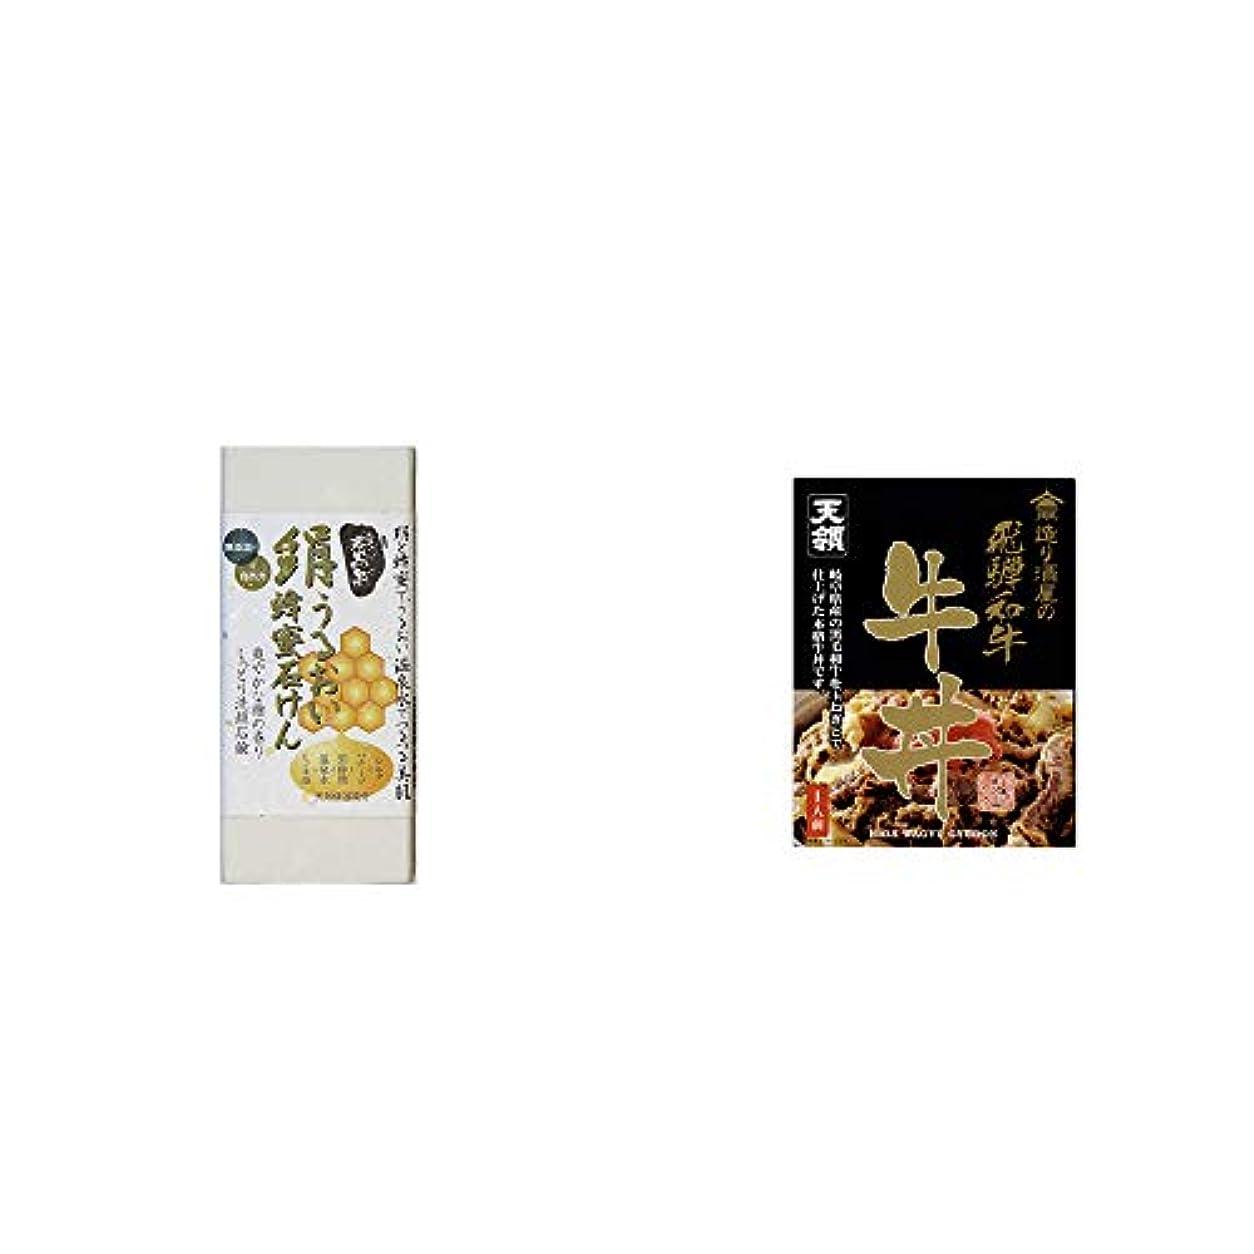 興味血まみれの形状[2点セット] ひのき炭黒泉 絹うるおい蜂蜜石けん(75g×2)?天領酒造 造り酒屋の飛騨和牛 牛丼(1人前)